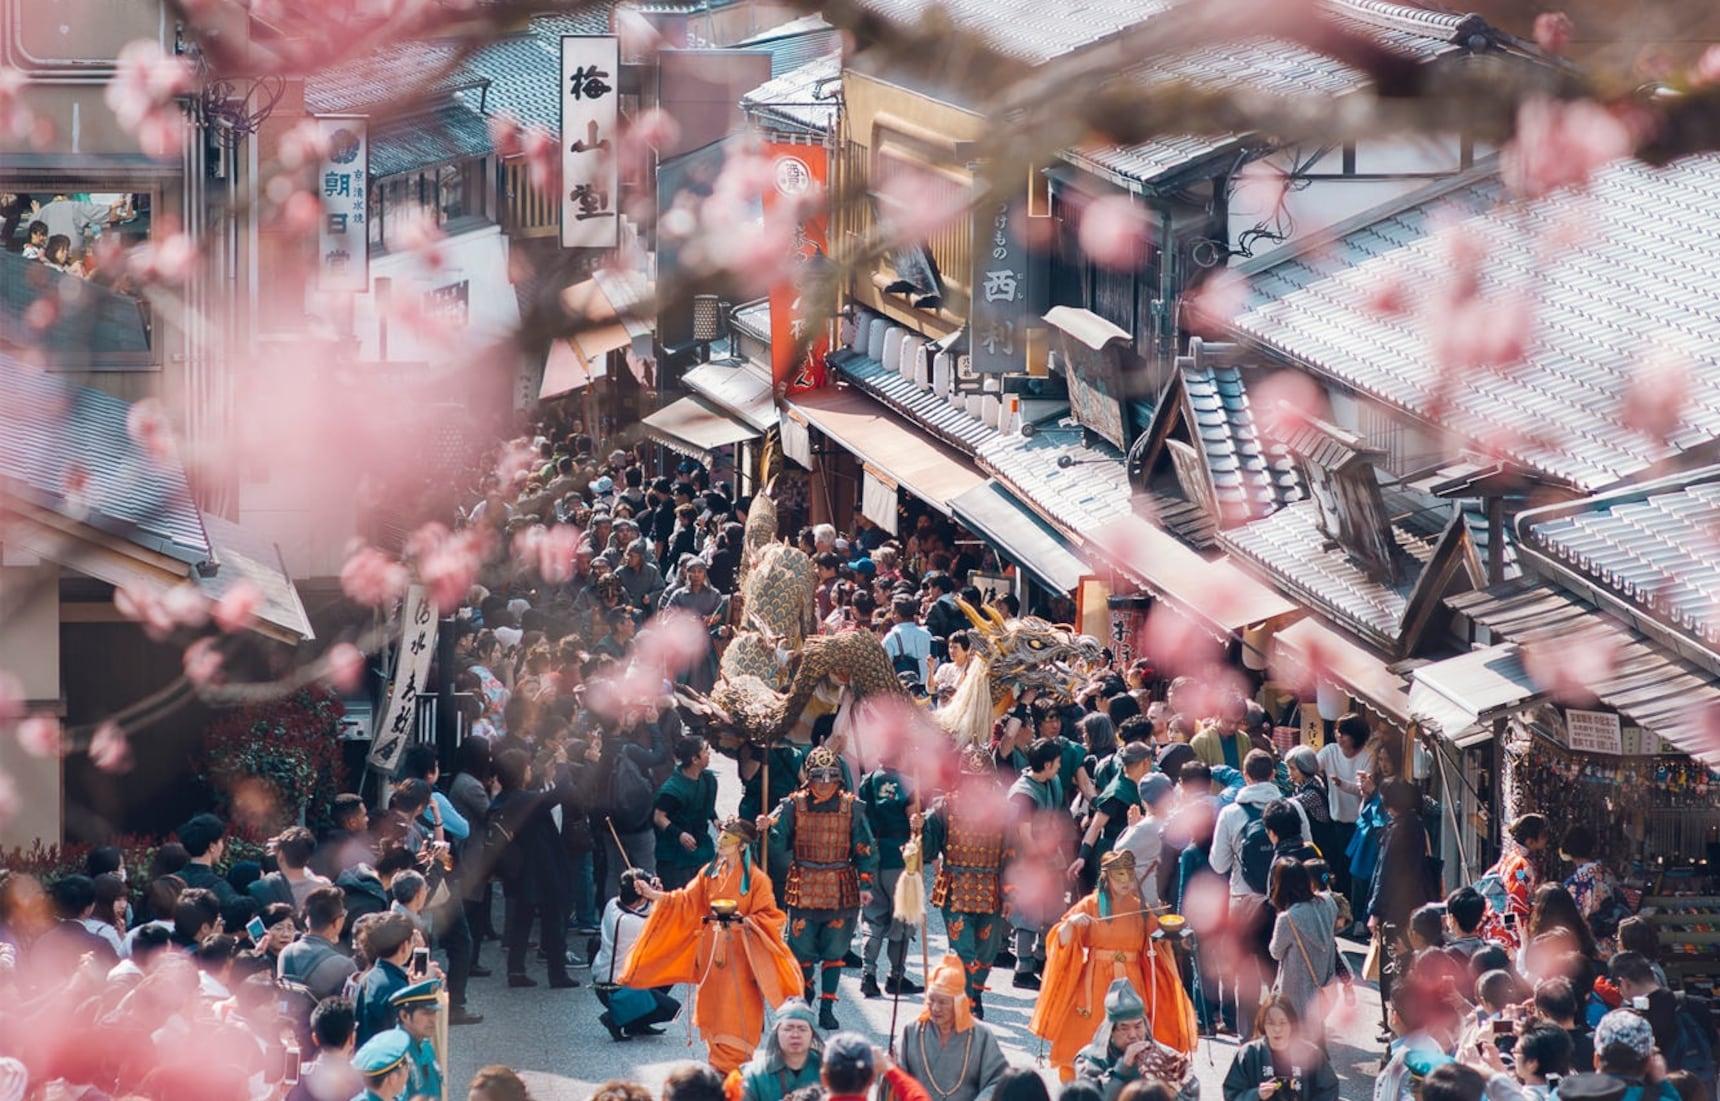 당일치기 교토(京都) 여행 2부